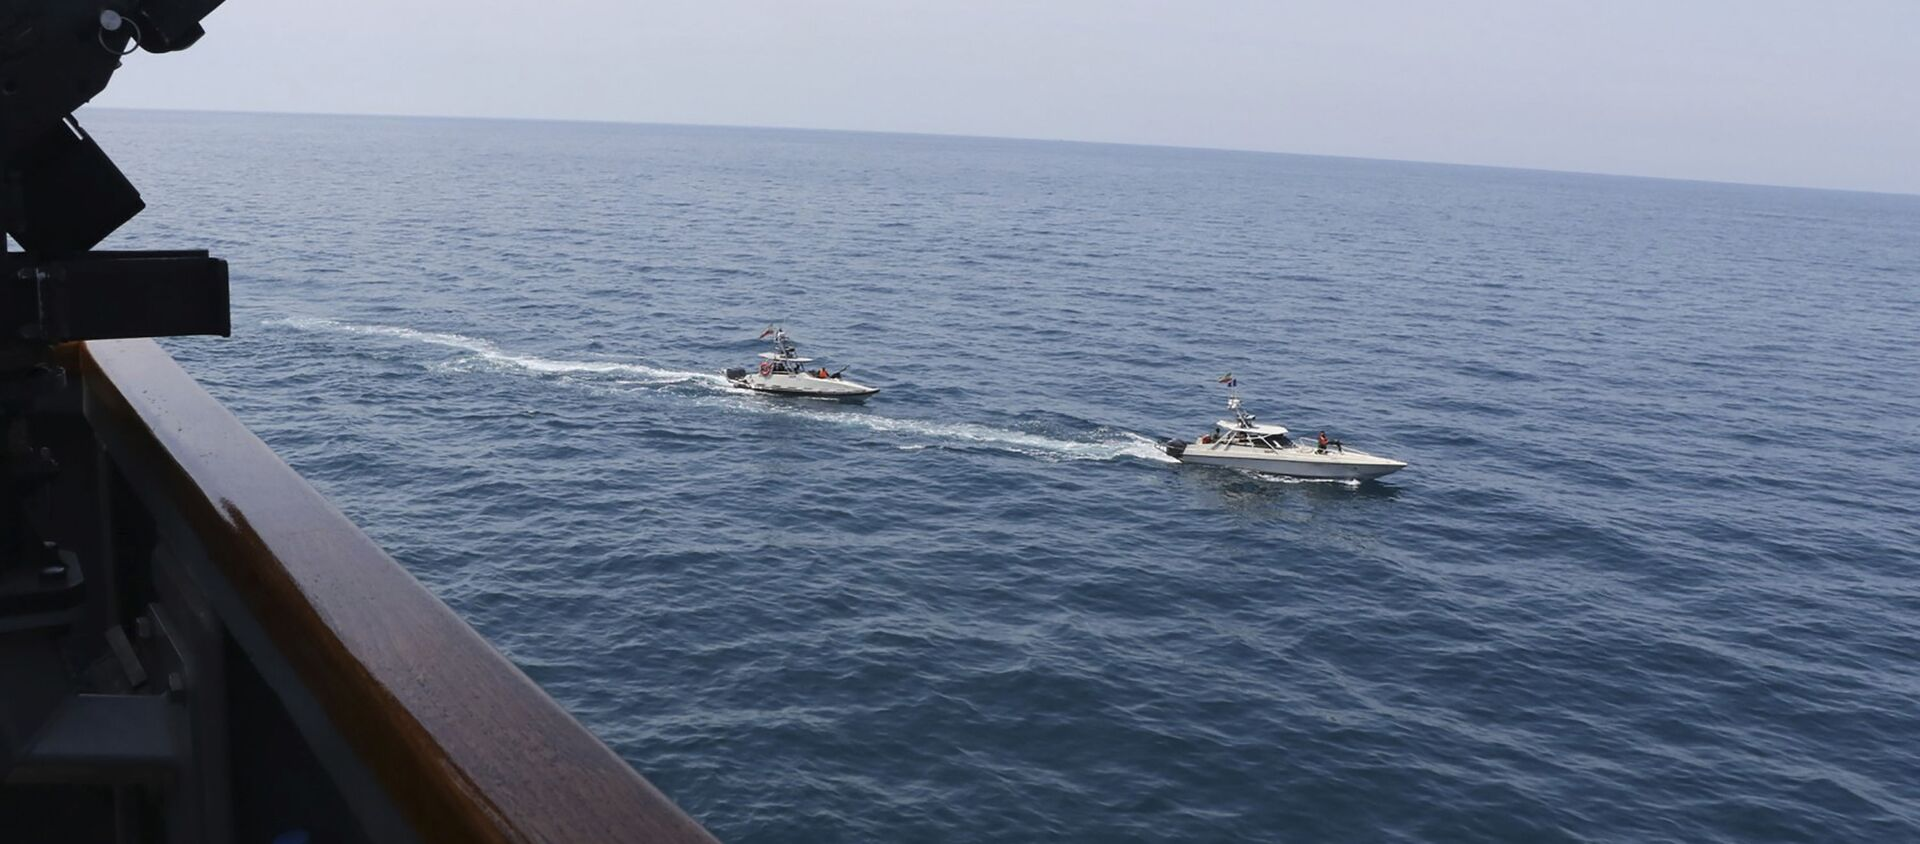 Ca nô Iran tiến gần tàu của Mỹ ở Vịnh Ba Tư - Sputnik Việt Nam, 1920, 27.04.2021